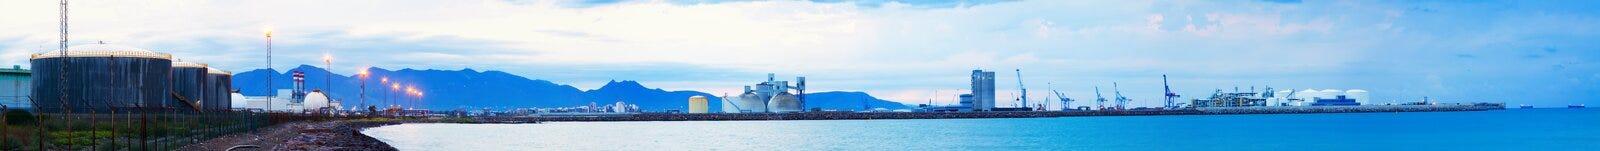 Βιομηχανική ζώνη στη μεσογειακή ακτή Στοκ Φωτογραφία